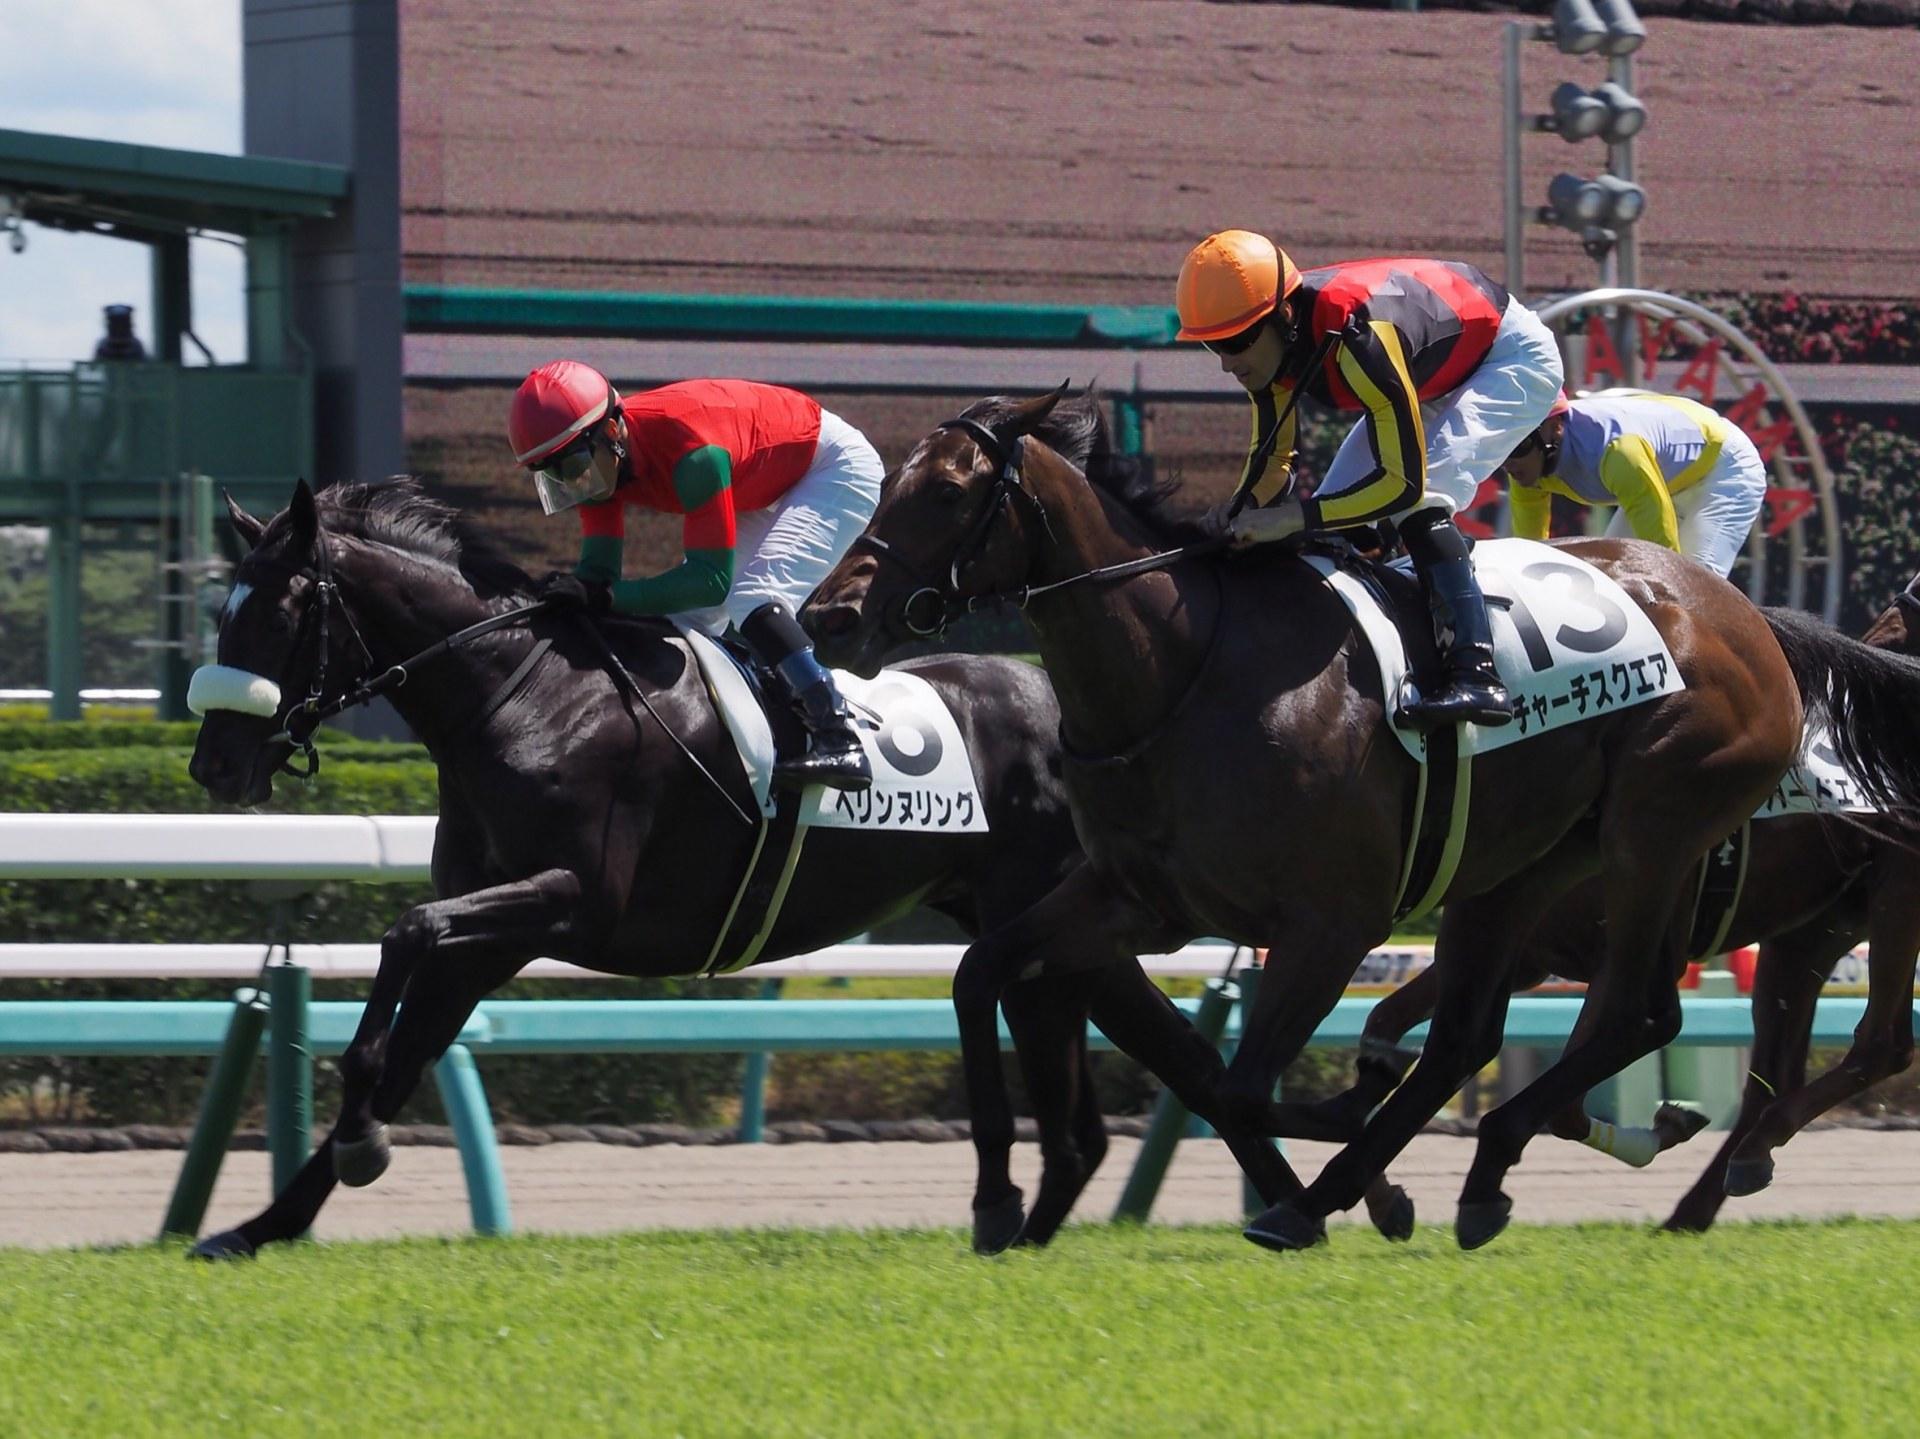 【中山5R/2歳新馬】アイルハヴアナザー産駒 ヘリンヌリングがデビュー勝ち